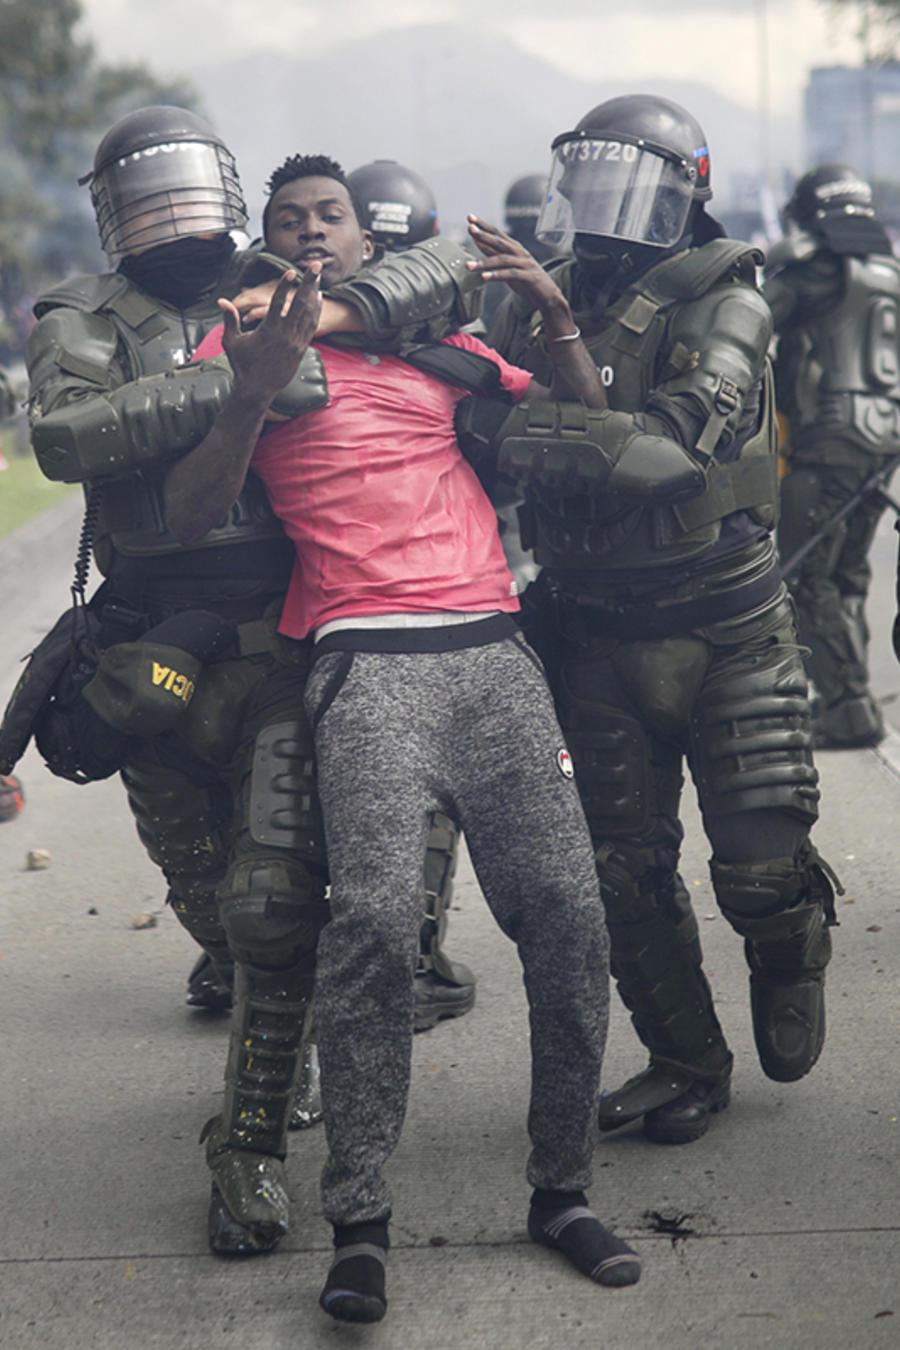 La policía detiene a un manifestante durante una huelga nacional en Bogotá, Colombia, el 21 de noviembre de 2019.